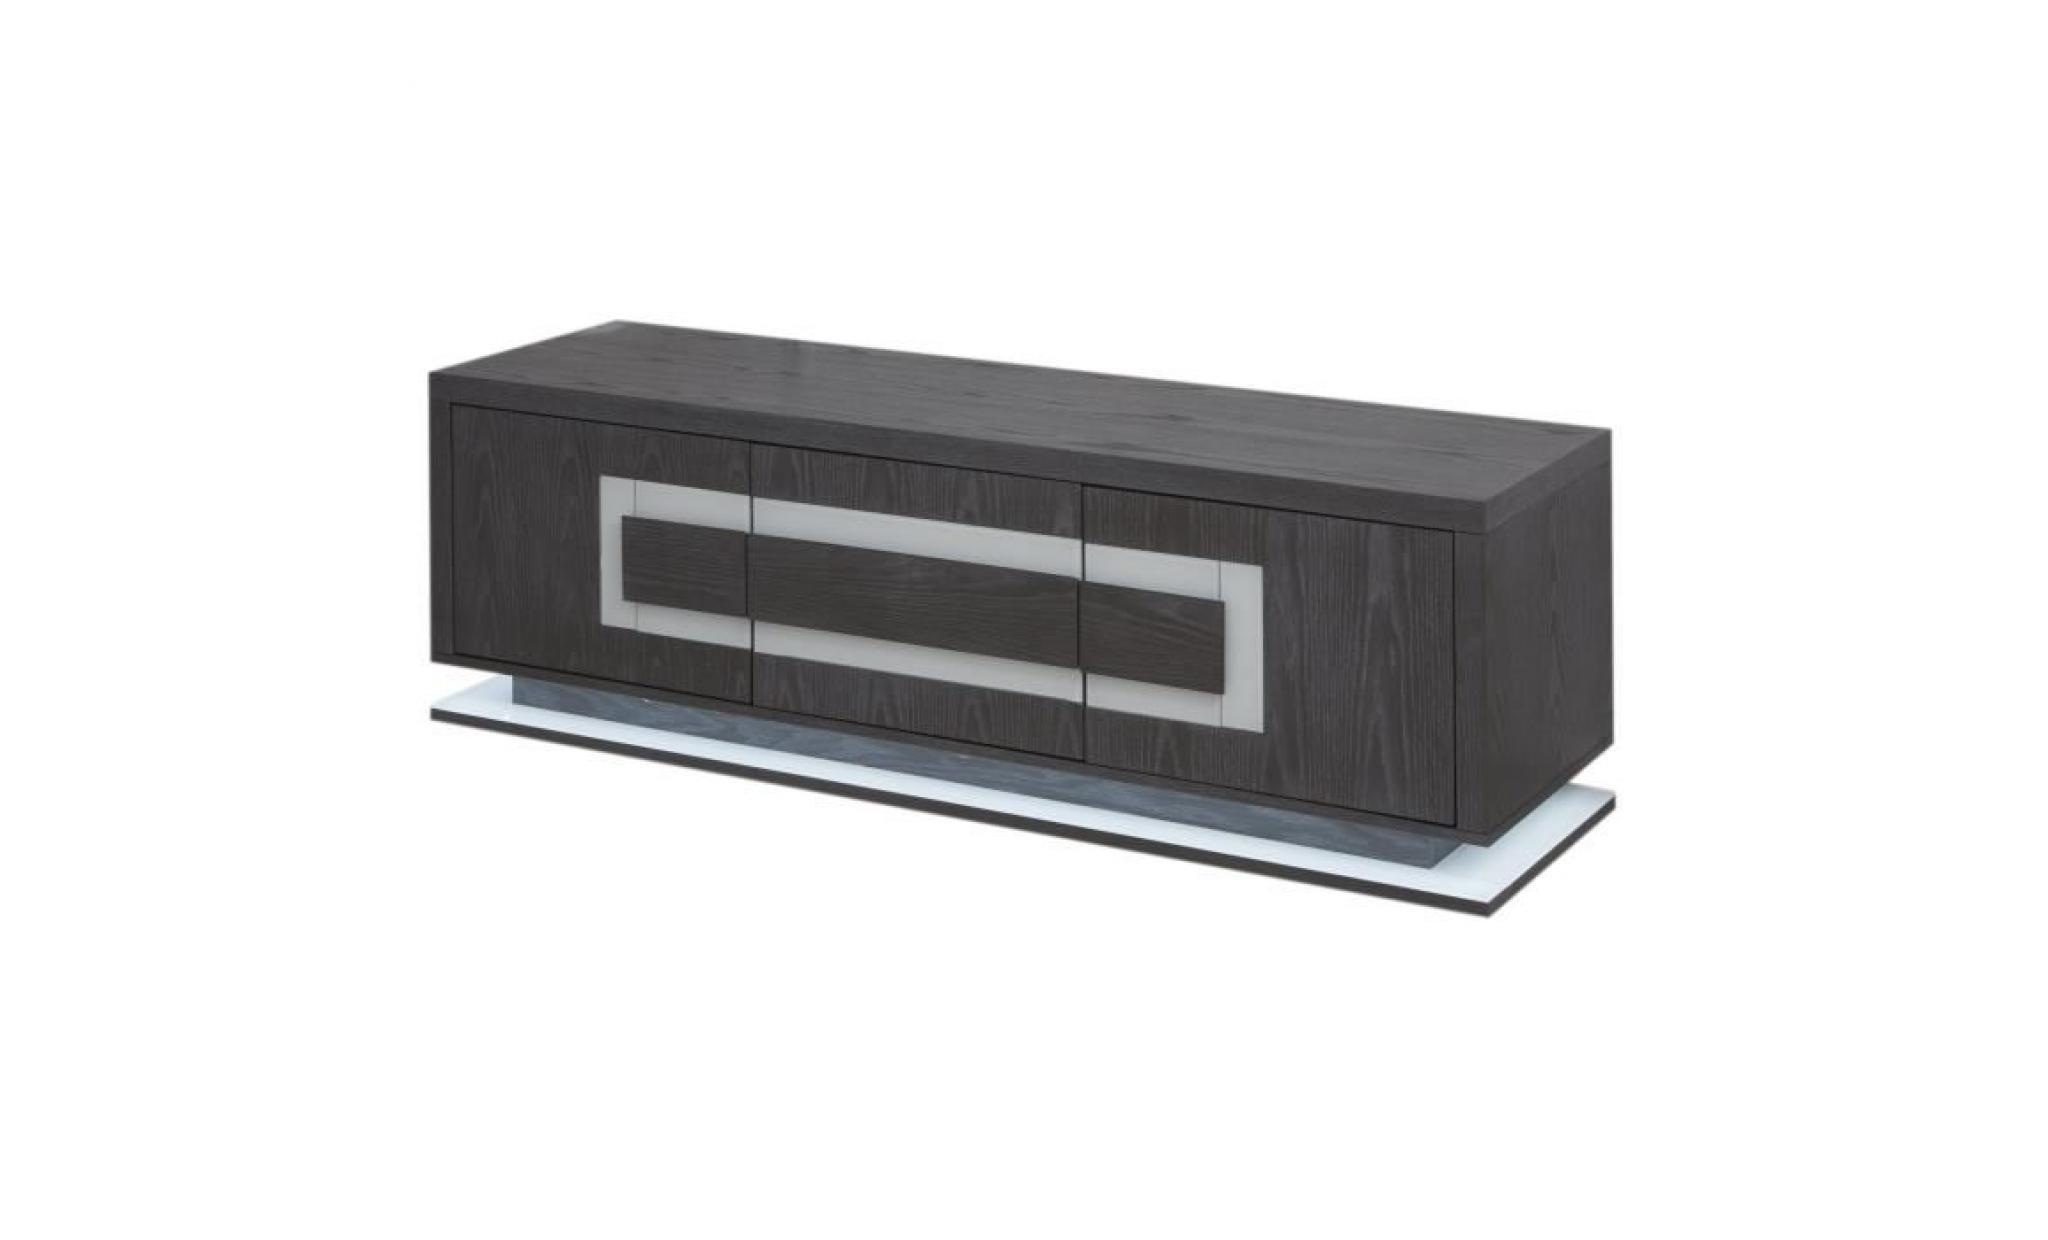 Crystal Meuble Tv Led Contemporain Plaqué Gris Mat Insert En Verre Extra Blanc L 160 Cm